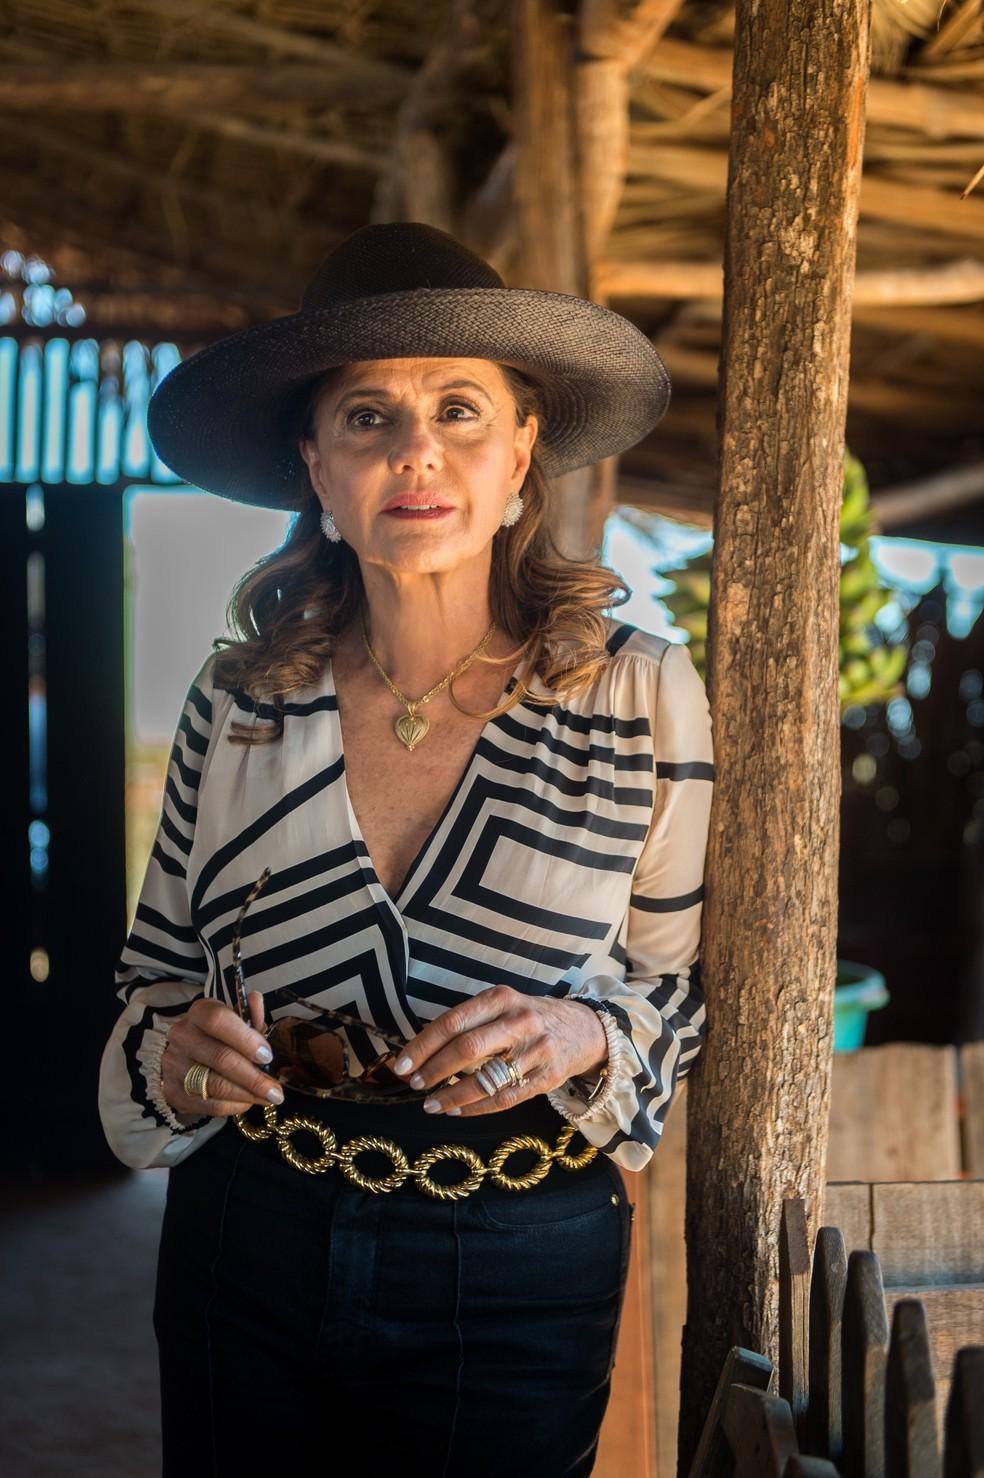 O visual de Sophia inclui ainda chapéus no estilo Panamá, que agregam dupla funcionalidade: proteção contra sol e um charme a mais. Além de sua marca registrada: o colar dourado com pingente de coração (Foto: TV Globo/Raquel Cunha)